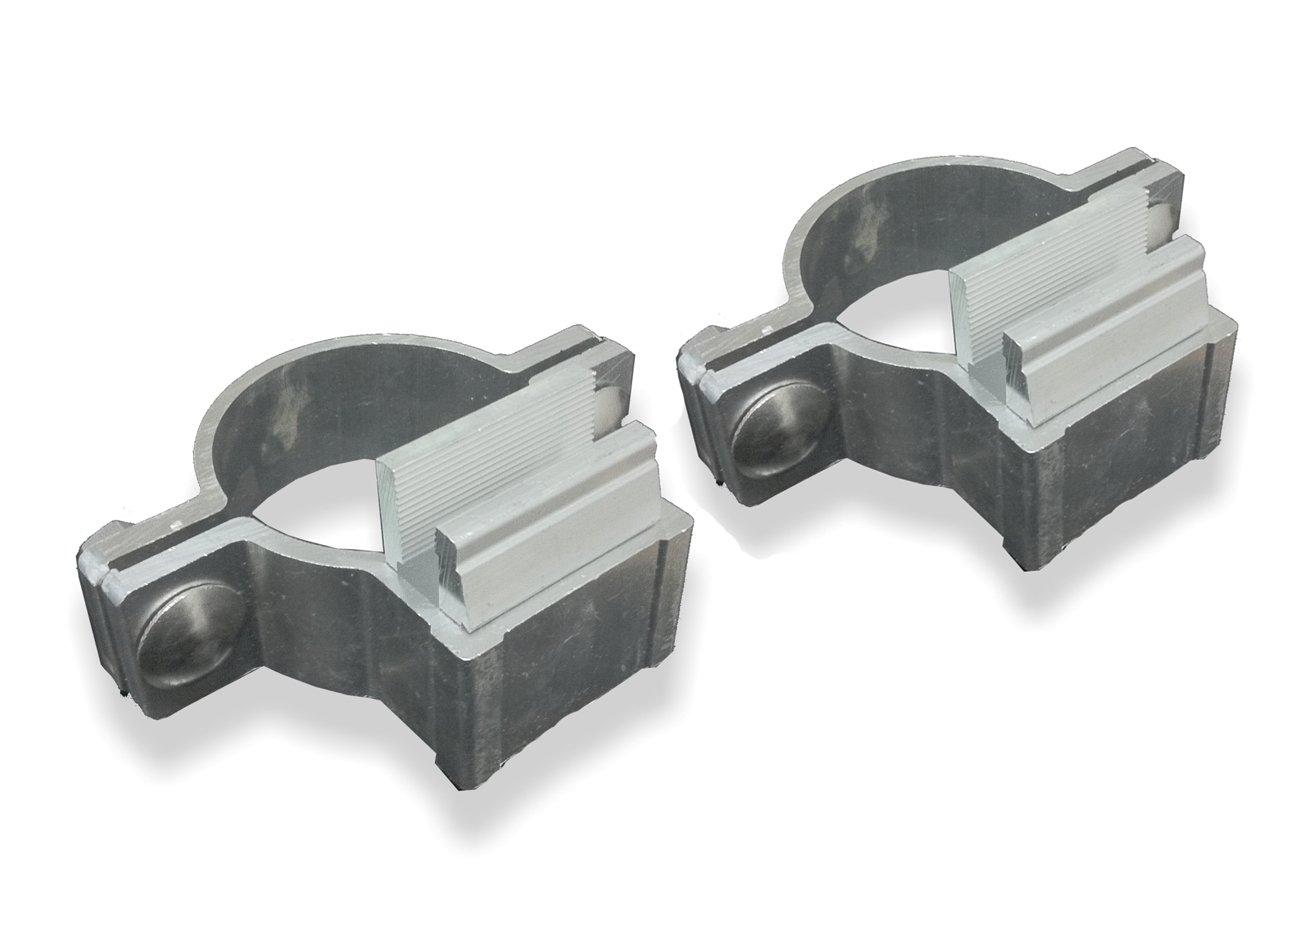 1 Paar 2 St/ück Alform Schellen Rohrschellen /ø60mm aus Aluminium mit Klemmklotz